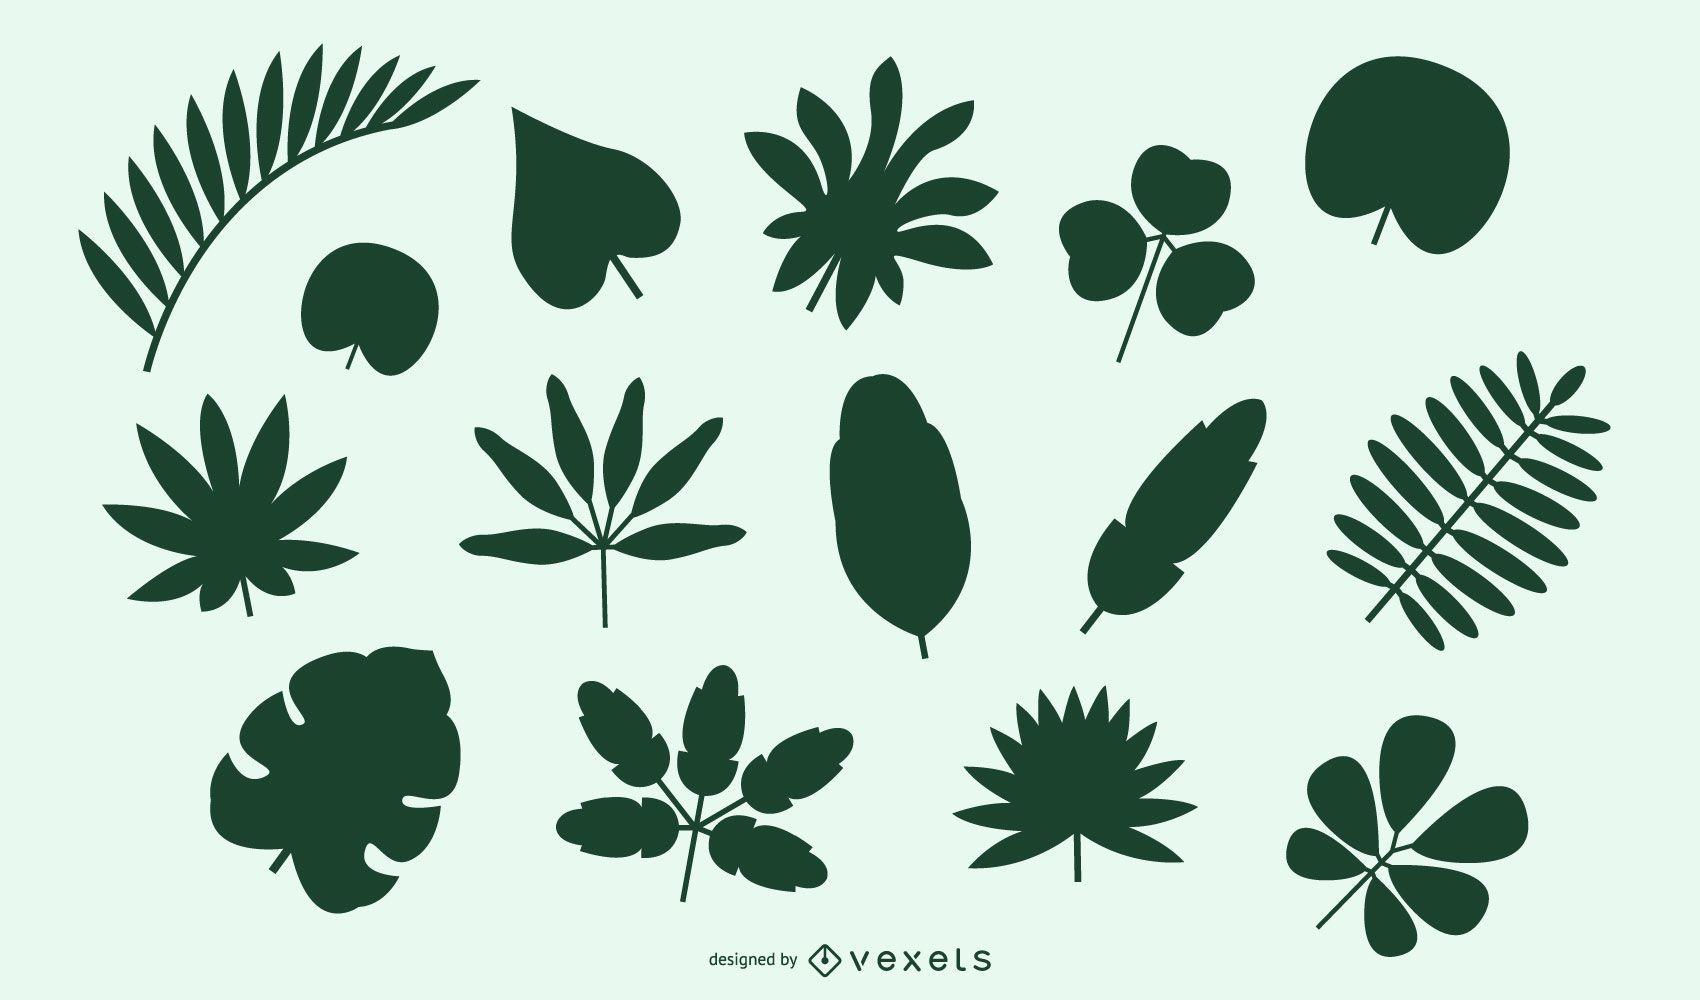 Paquete de hojas y arbustos naturales